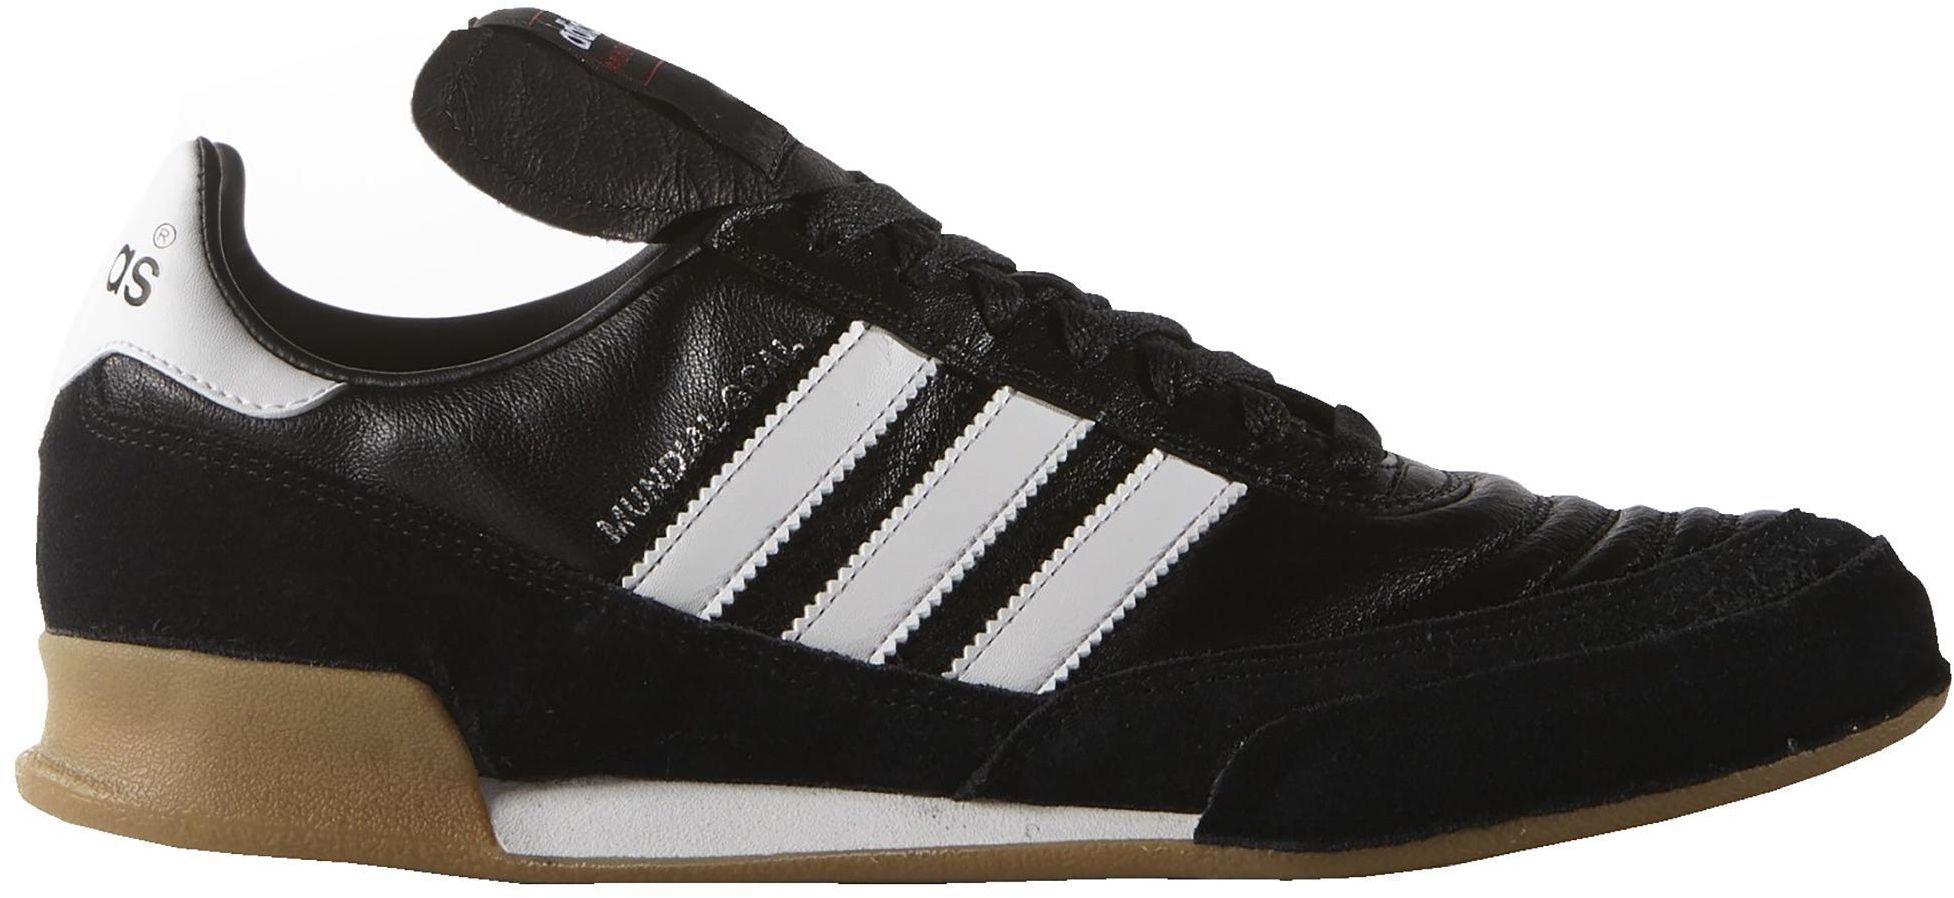 Buty halowe do piłki nożnej dla dorosłych Adidas Mundial Goal